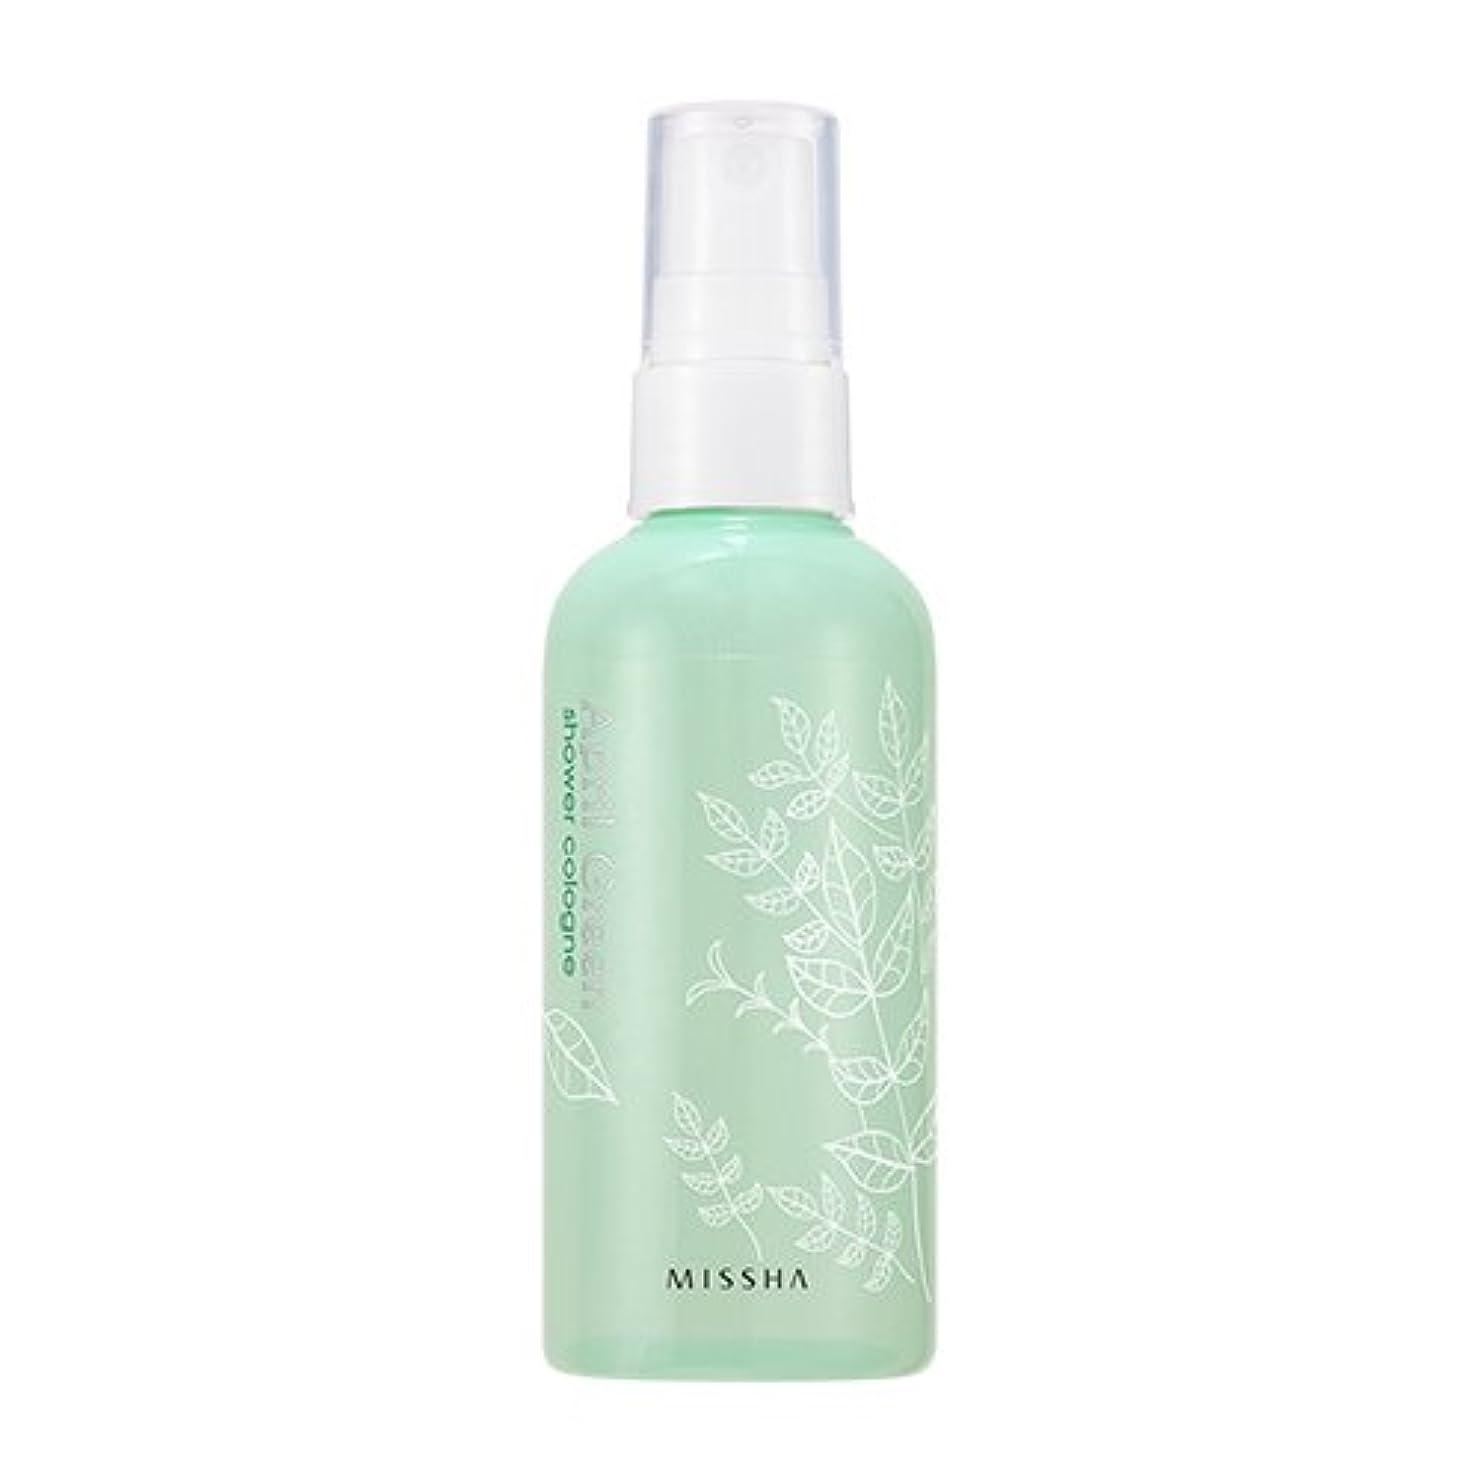 操縦する偽善安らぎMISSHA Perfumed Shower Cologne April Green 105ml / ミシャ パフュームドシャワーコロン エイプリルグリーン 105ml [並行輸入品]